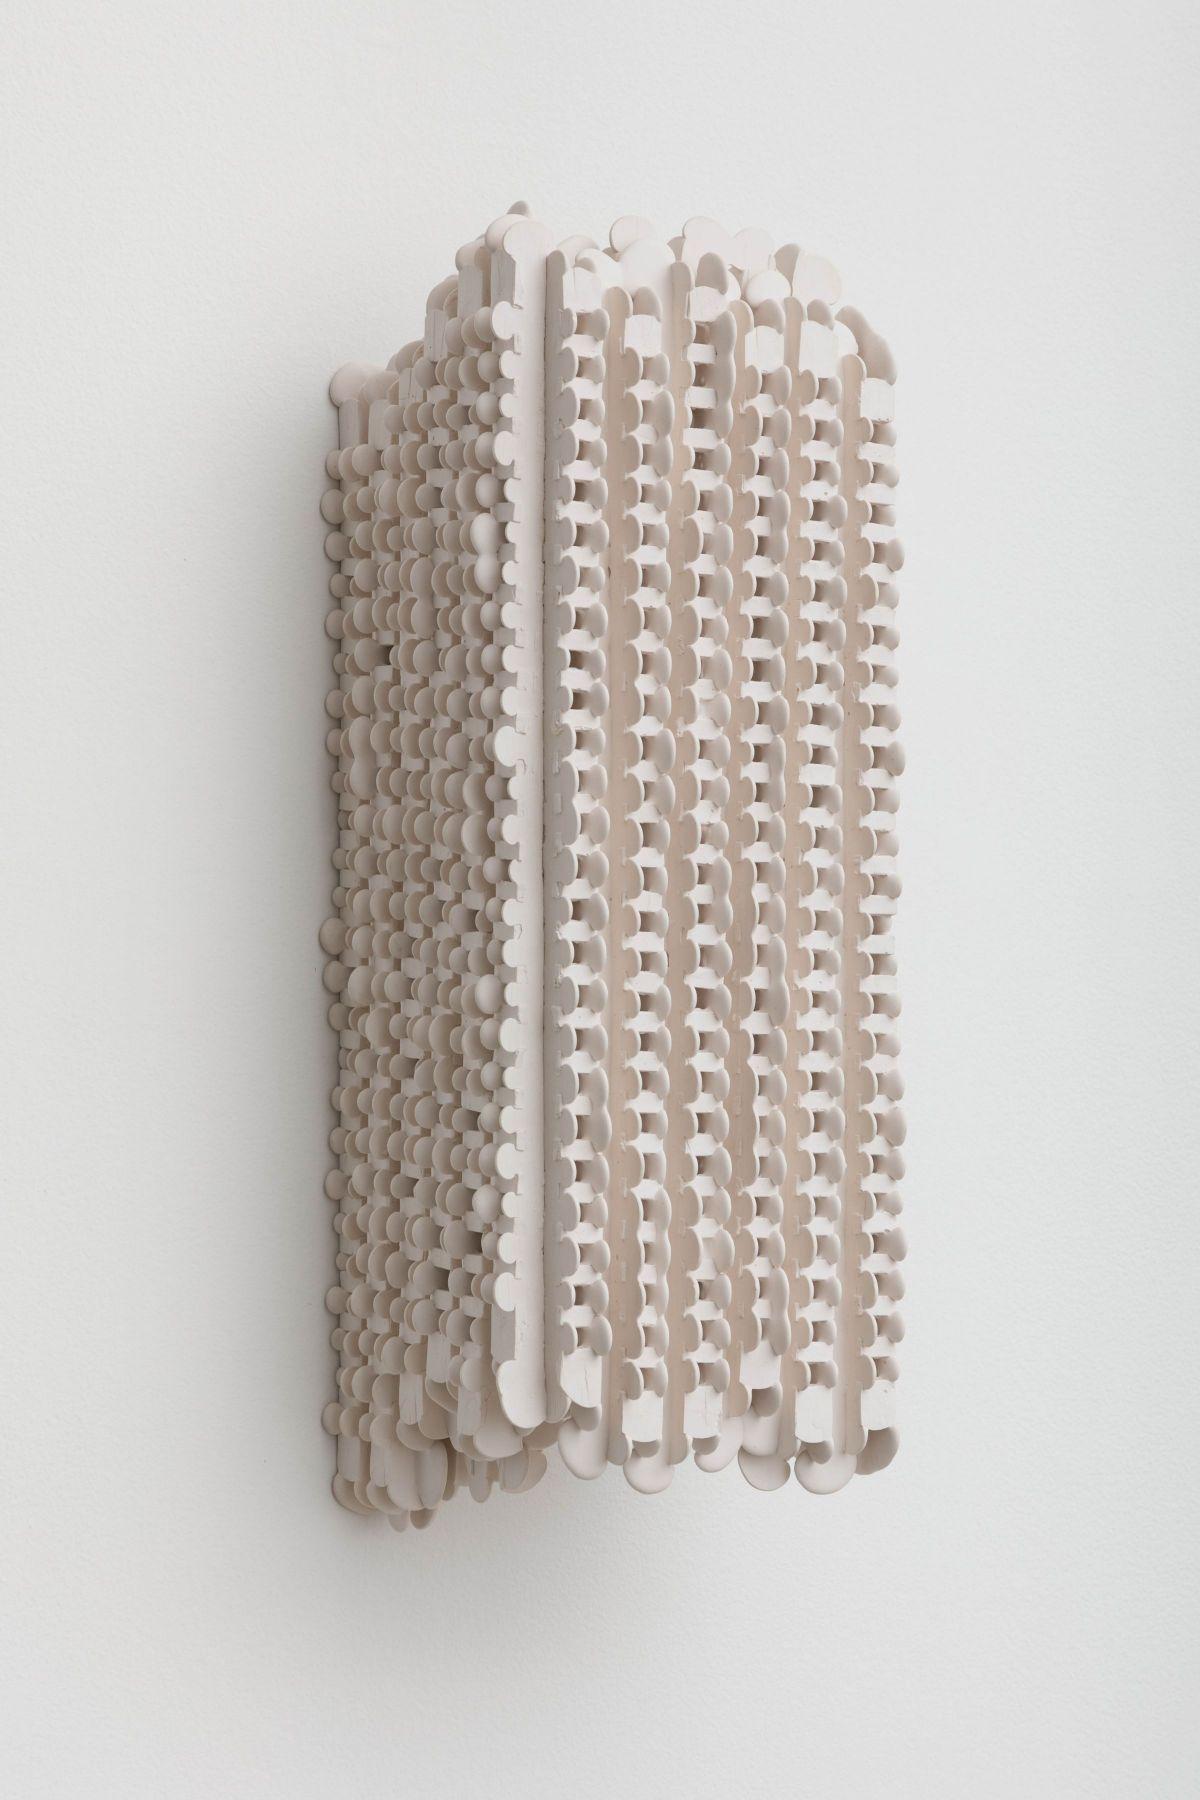 Alan Wiener Untitled